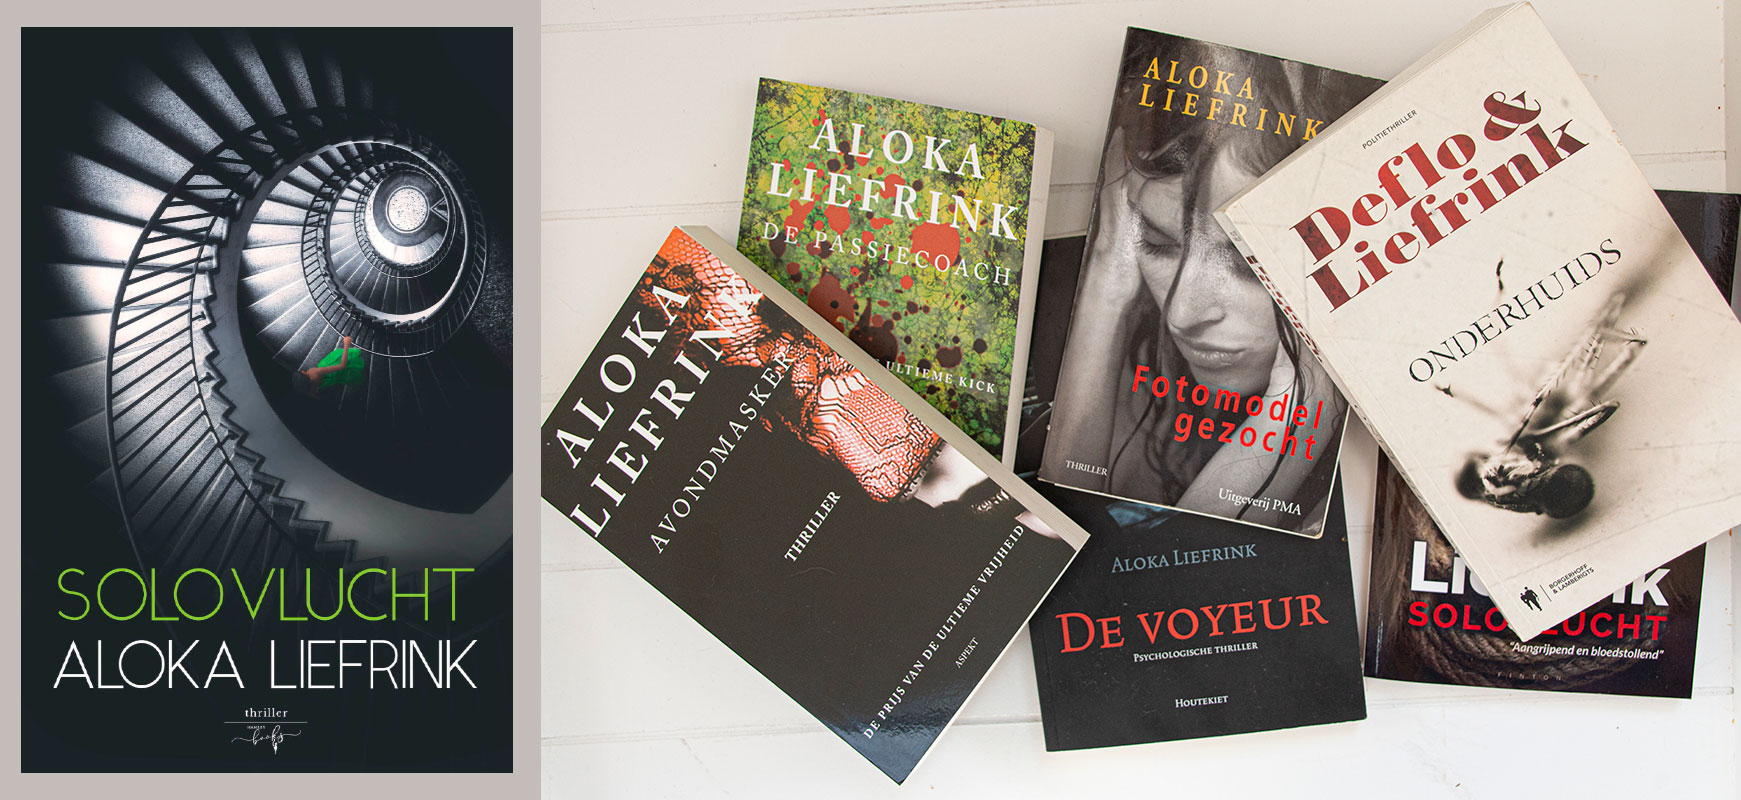 Aloka Liefrink boeken - Solovlucht